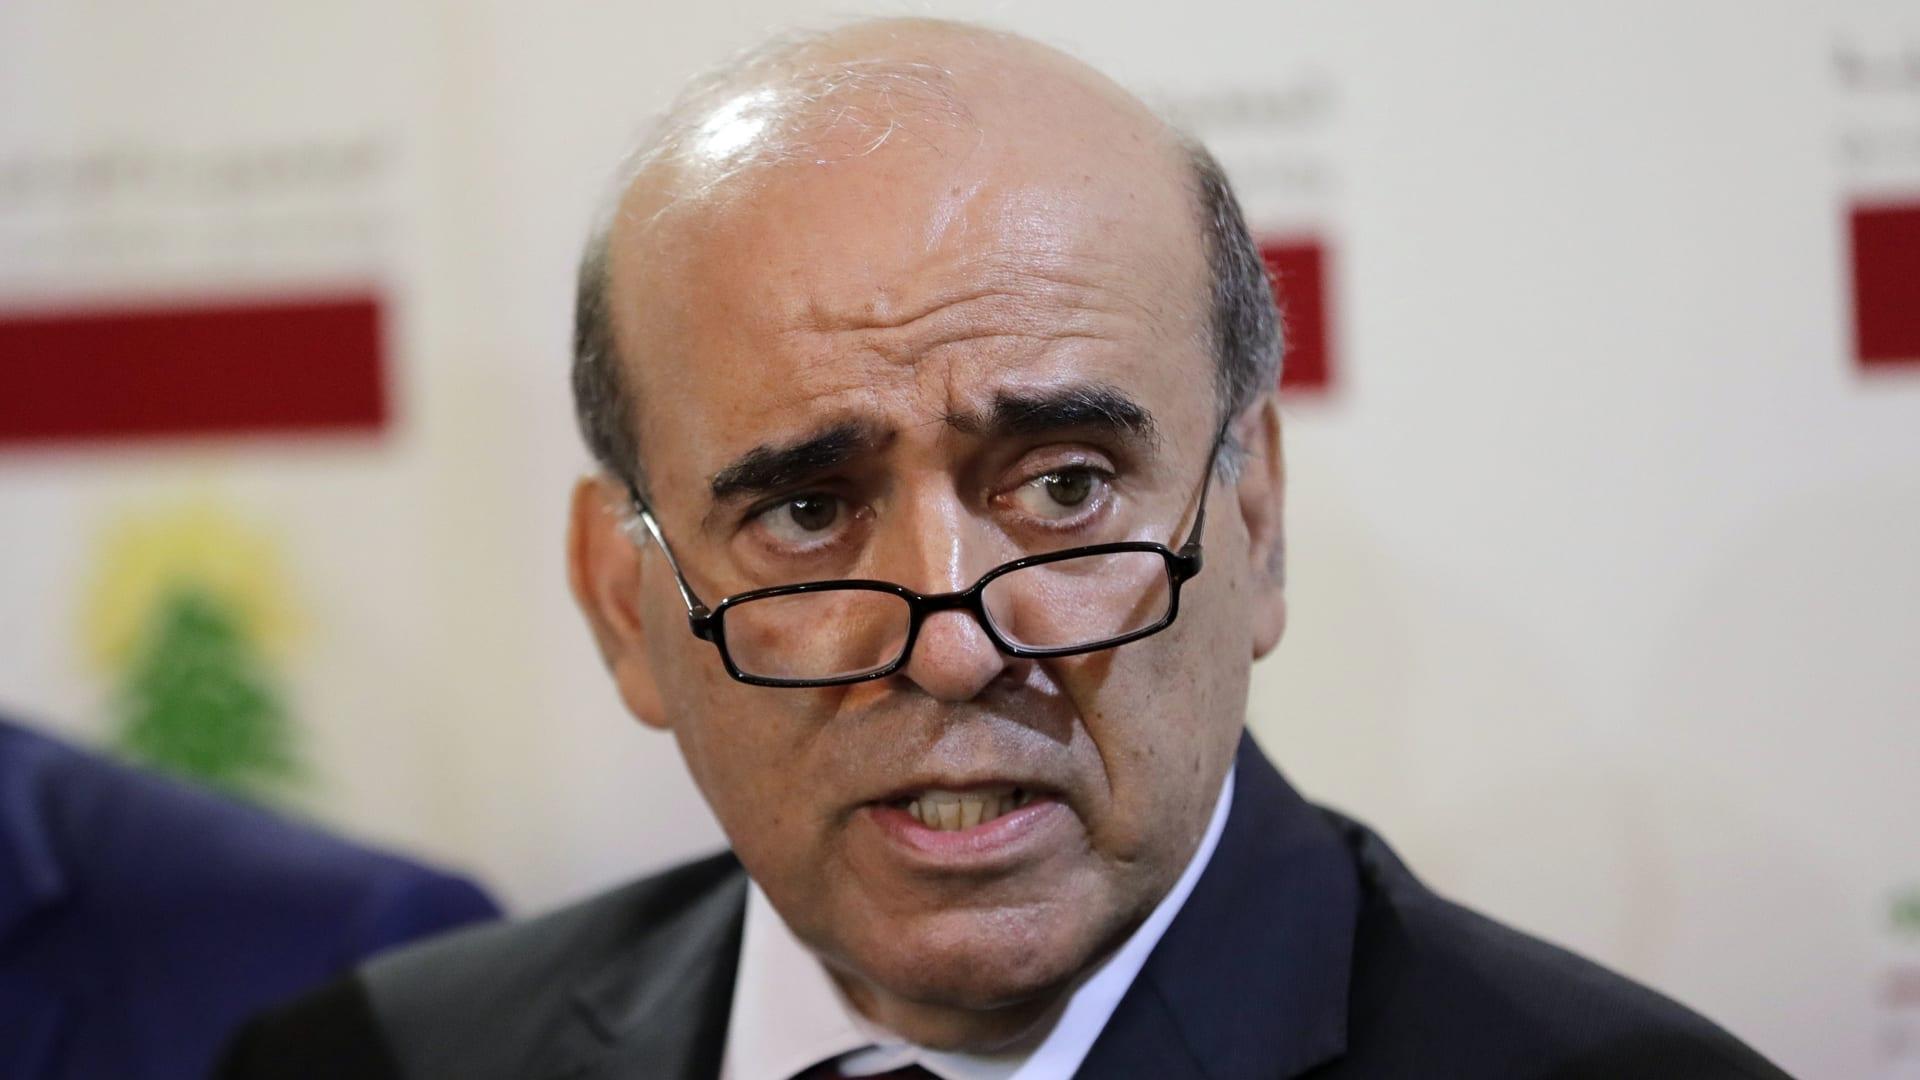 وزير الخارجية اللبناني شربل وهبه